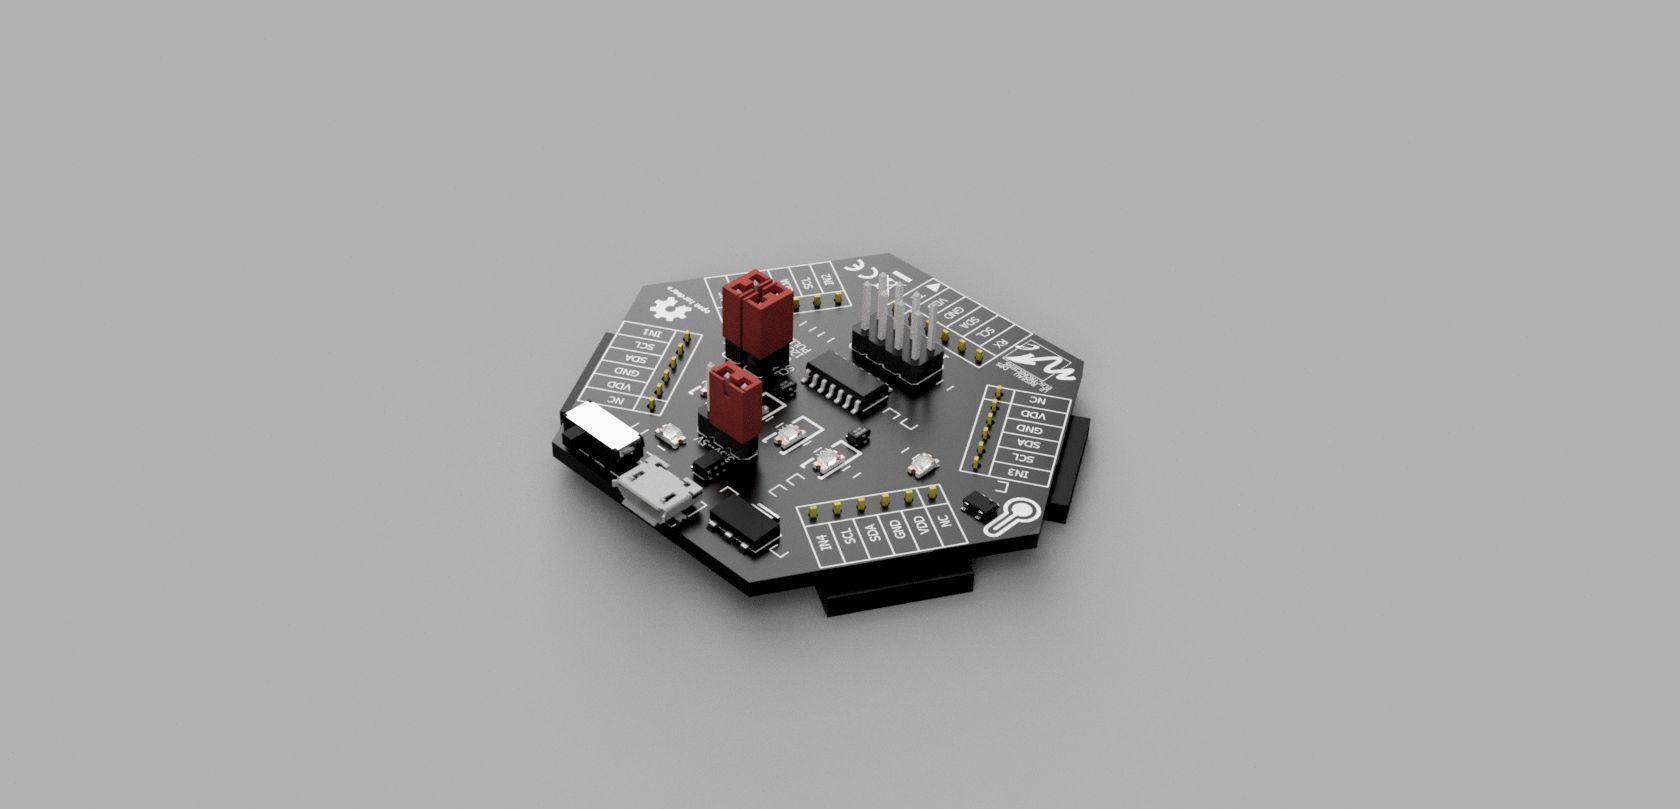 Board-v10-2-3500-3500